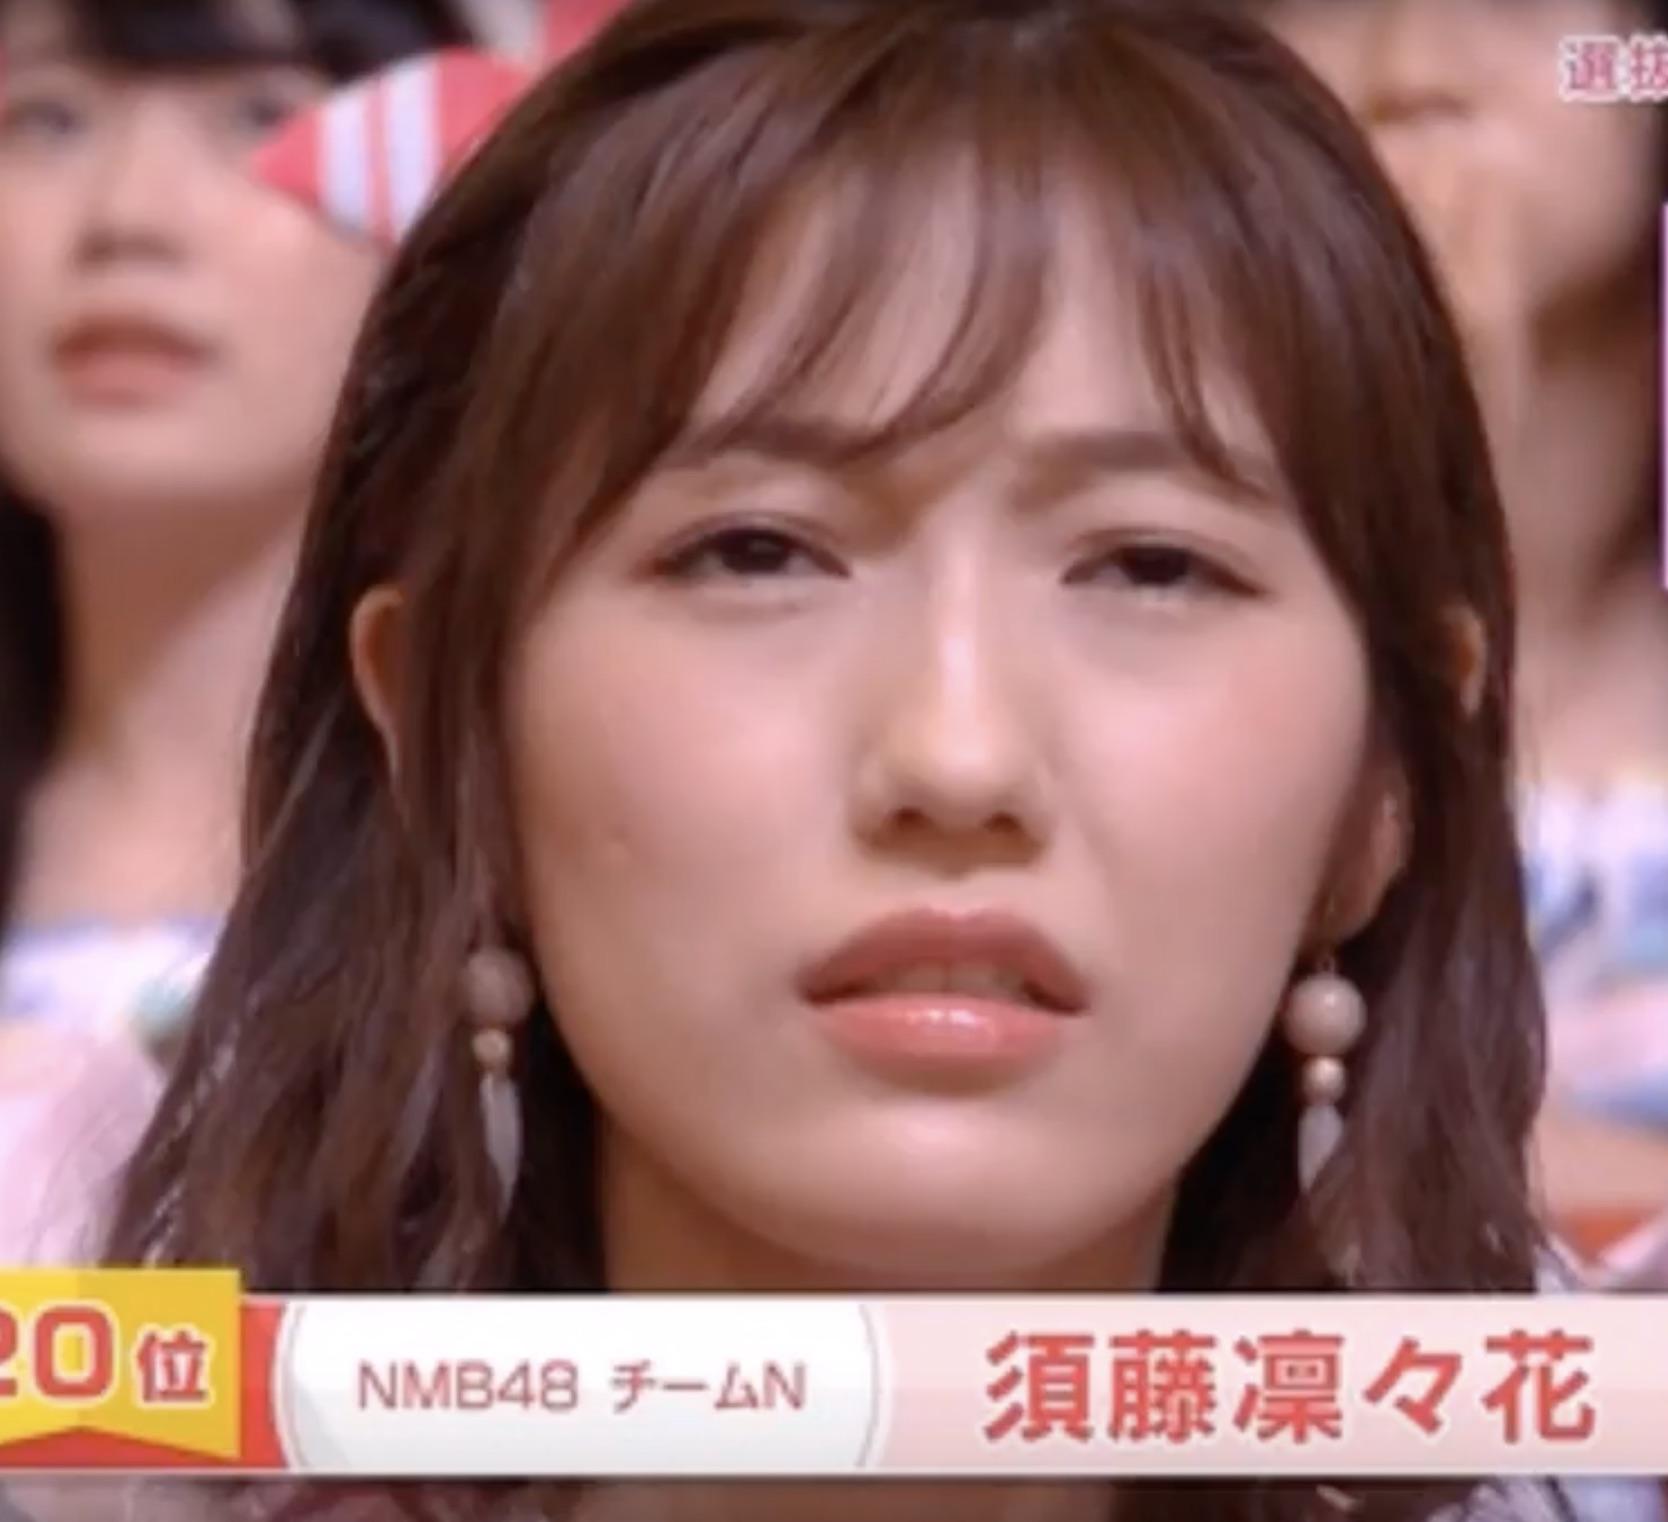 渡辺麻友の卒業コンサートは10.31さいたまスーパーアリーナ!